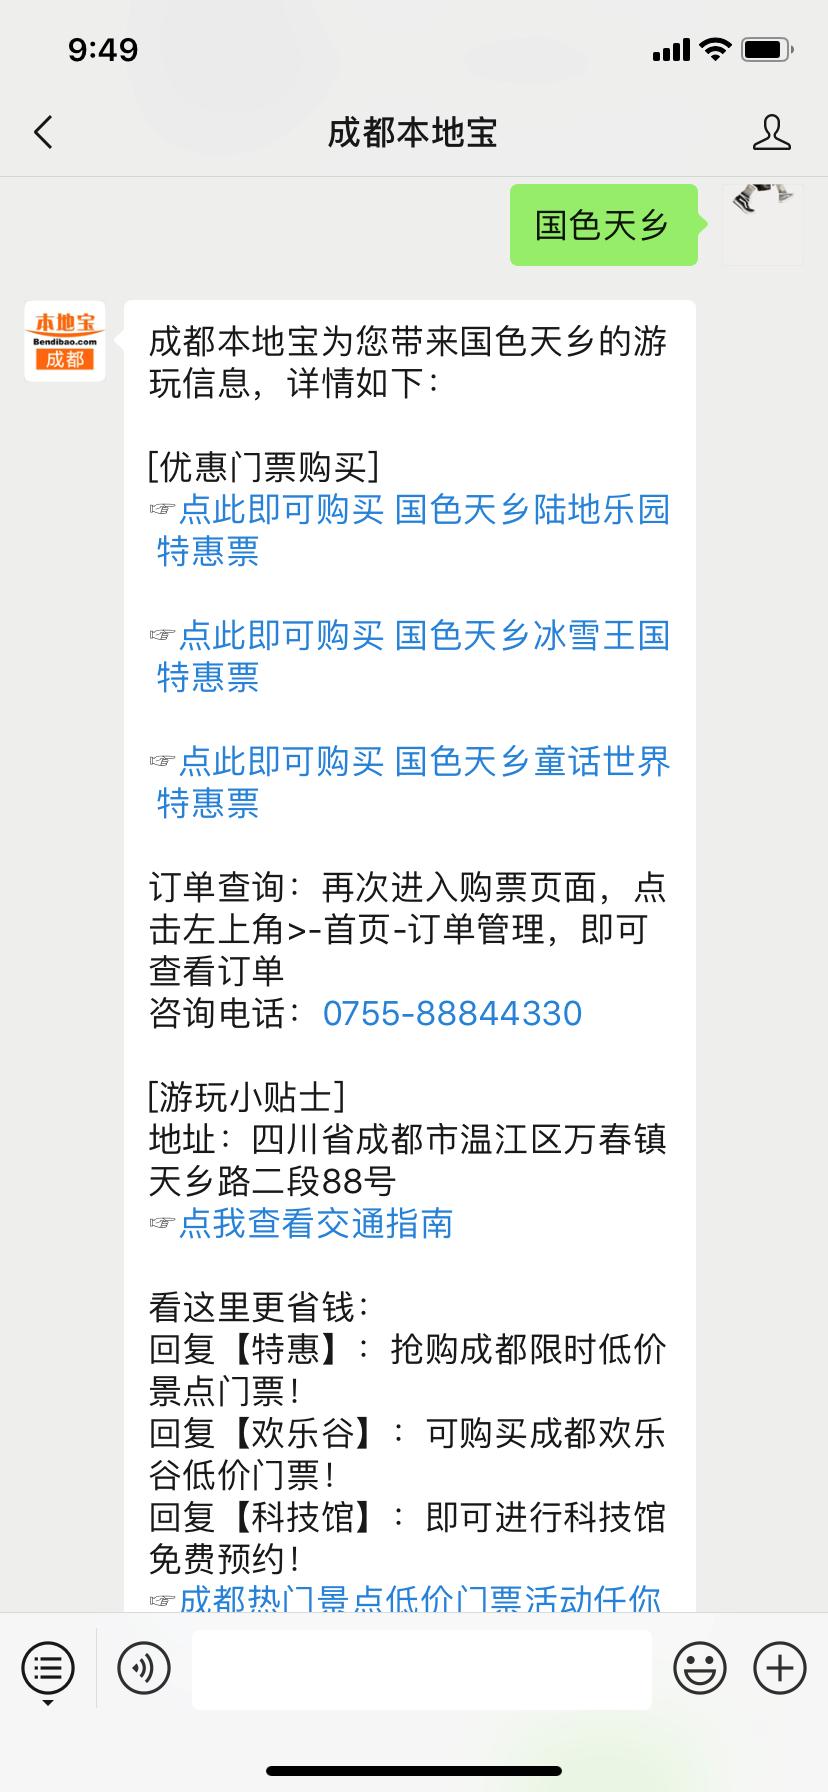 2019年清明节成都国色天乡景区优惠门票信息